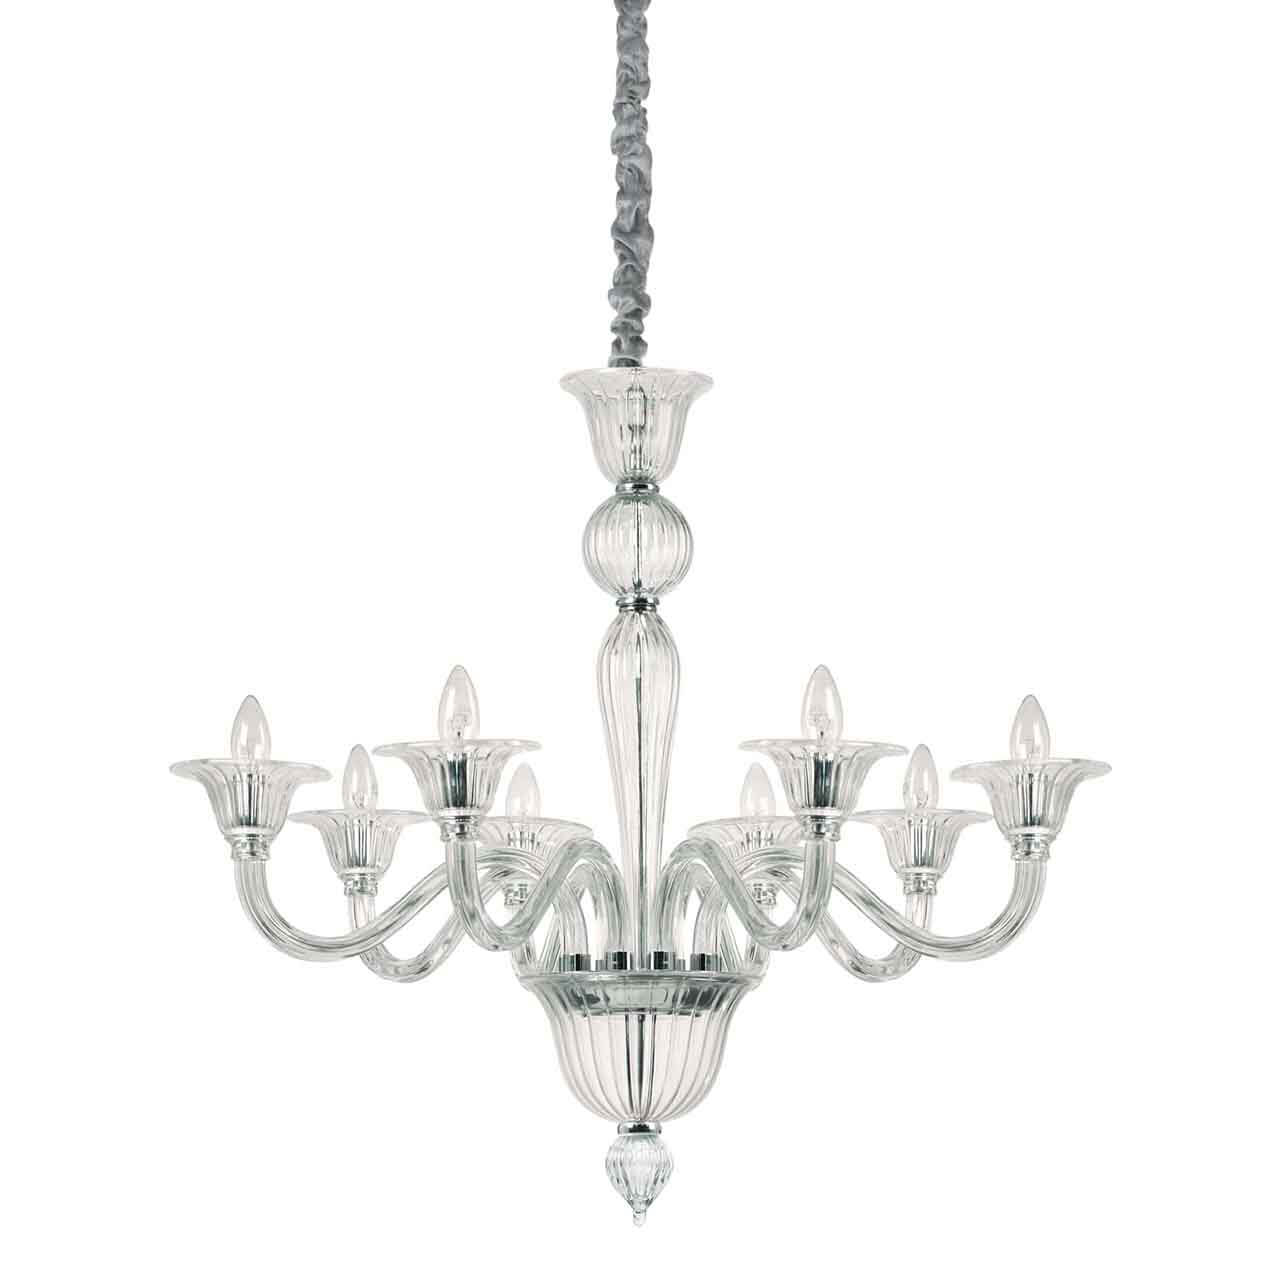 Подвесная люстра Ideal Lux Brigitta SP8 Trasparente ideal lux подвесная люстра colossal sp15 trasparente